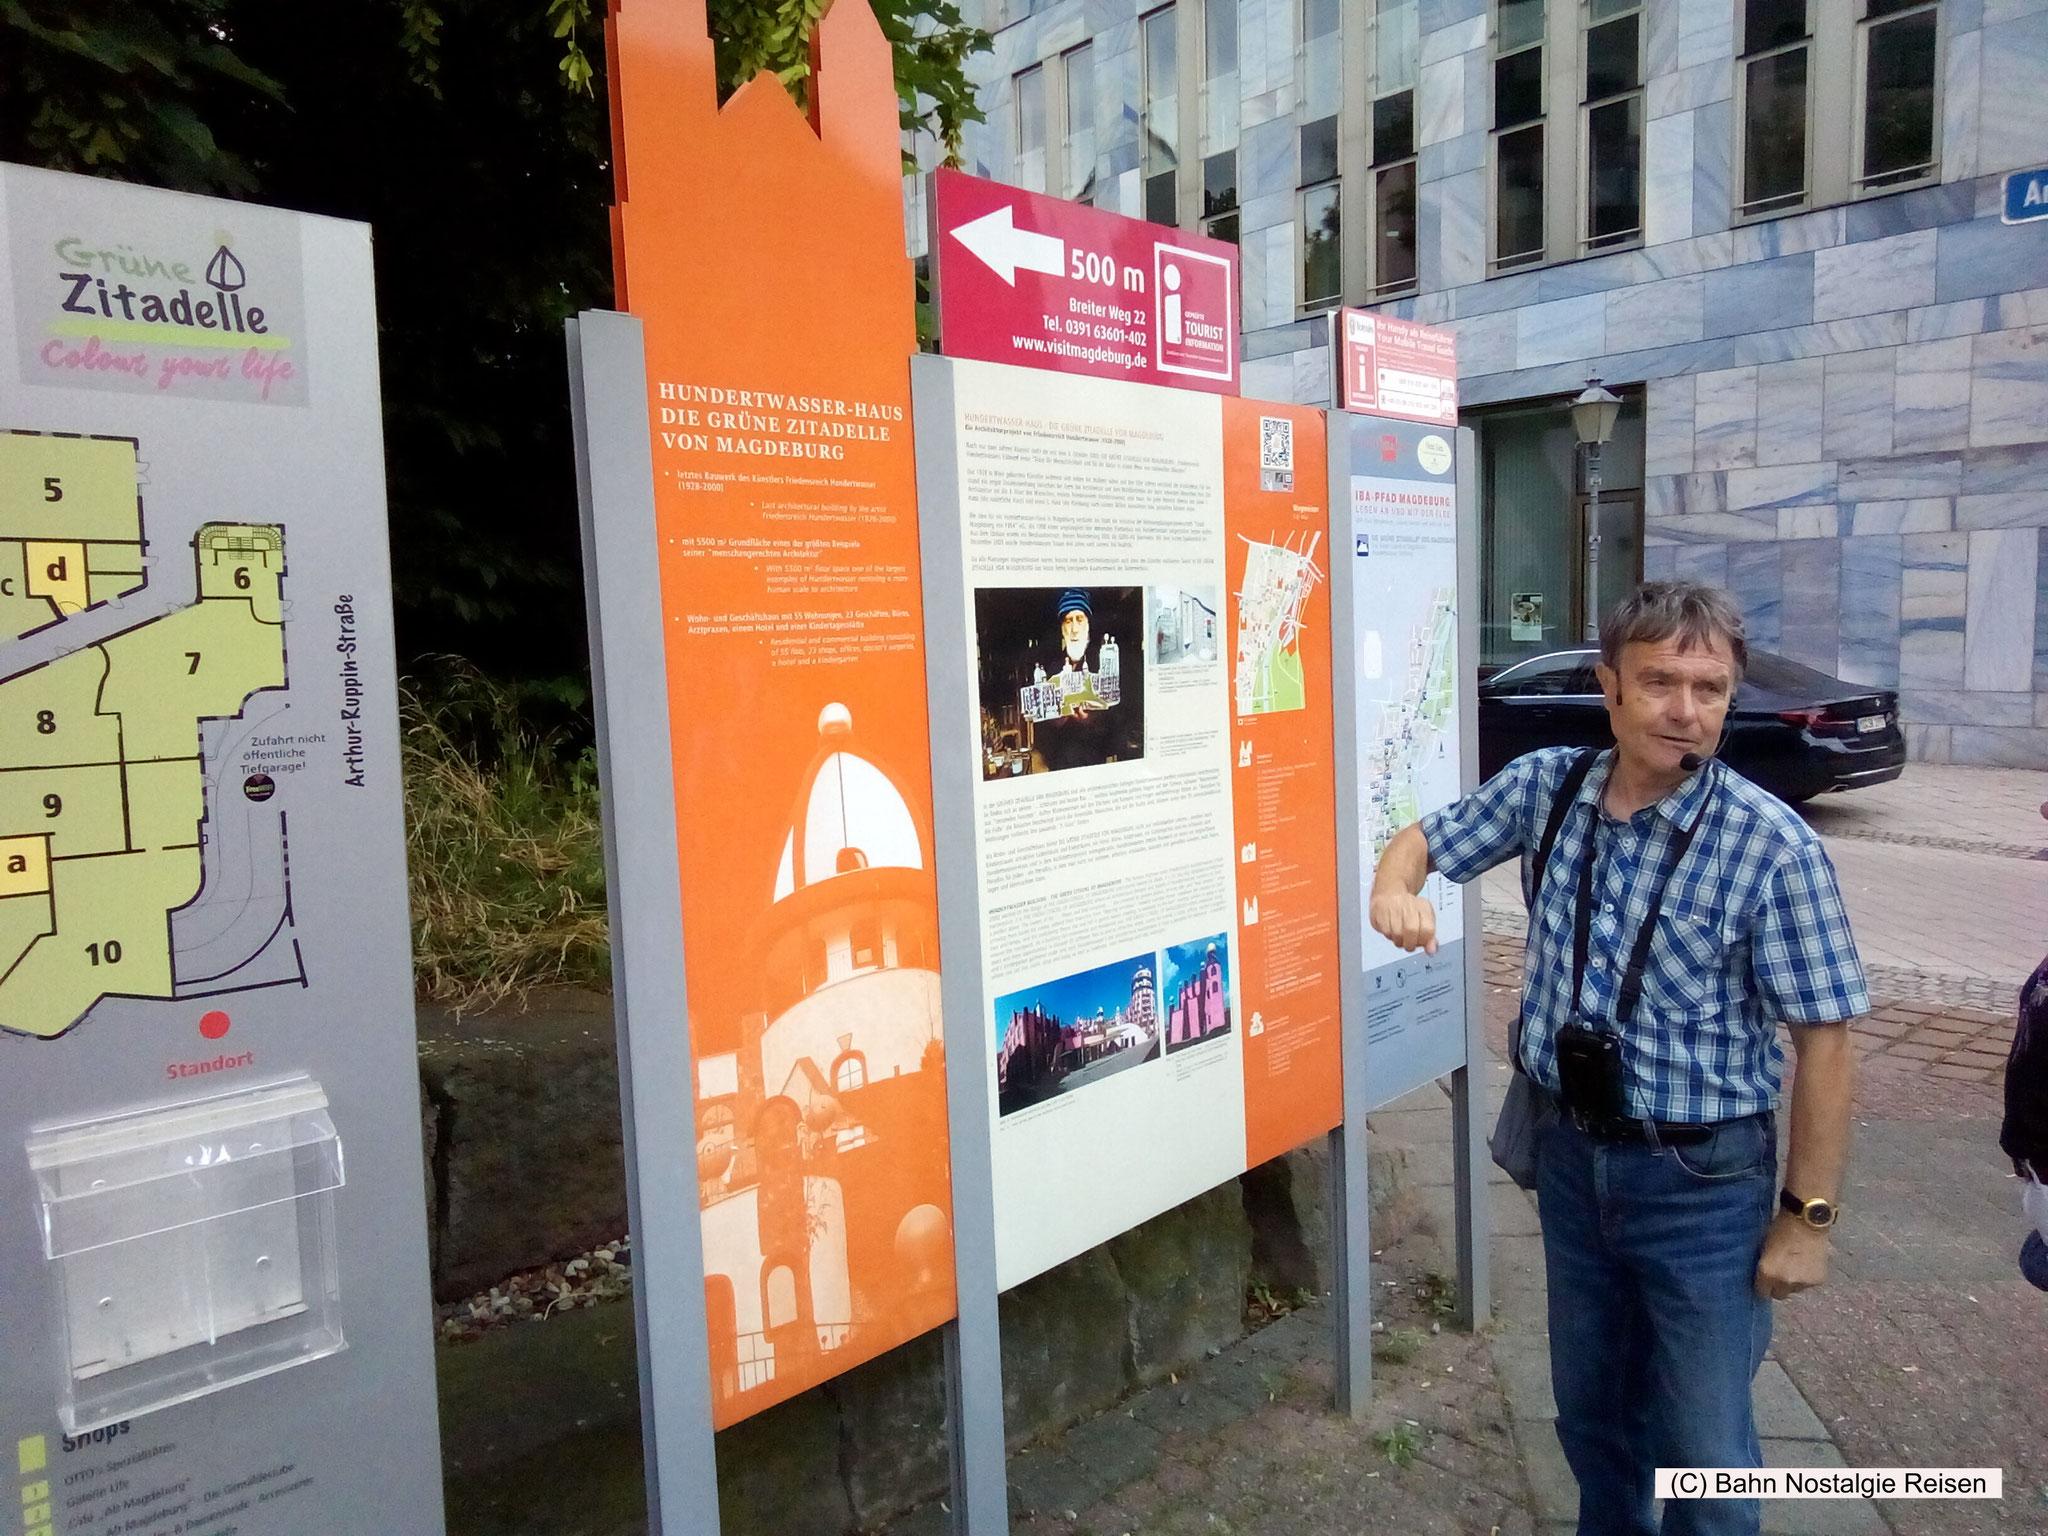 Unser Stadtführer zum Hundertwasserhaus in Magdeburg